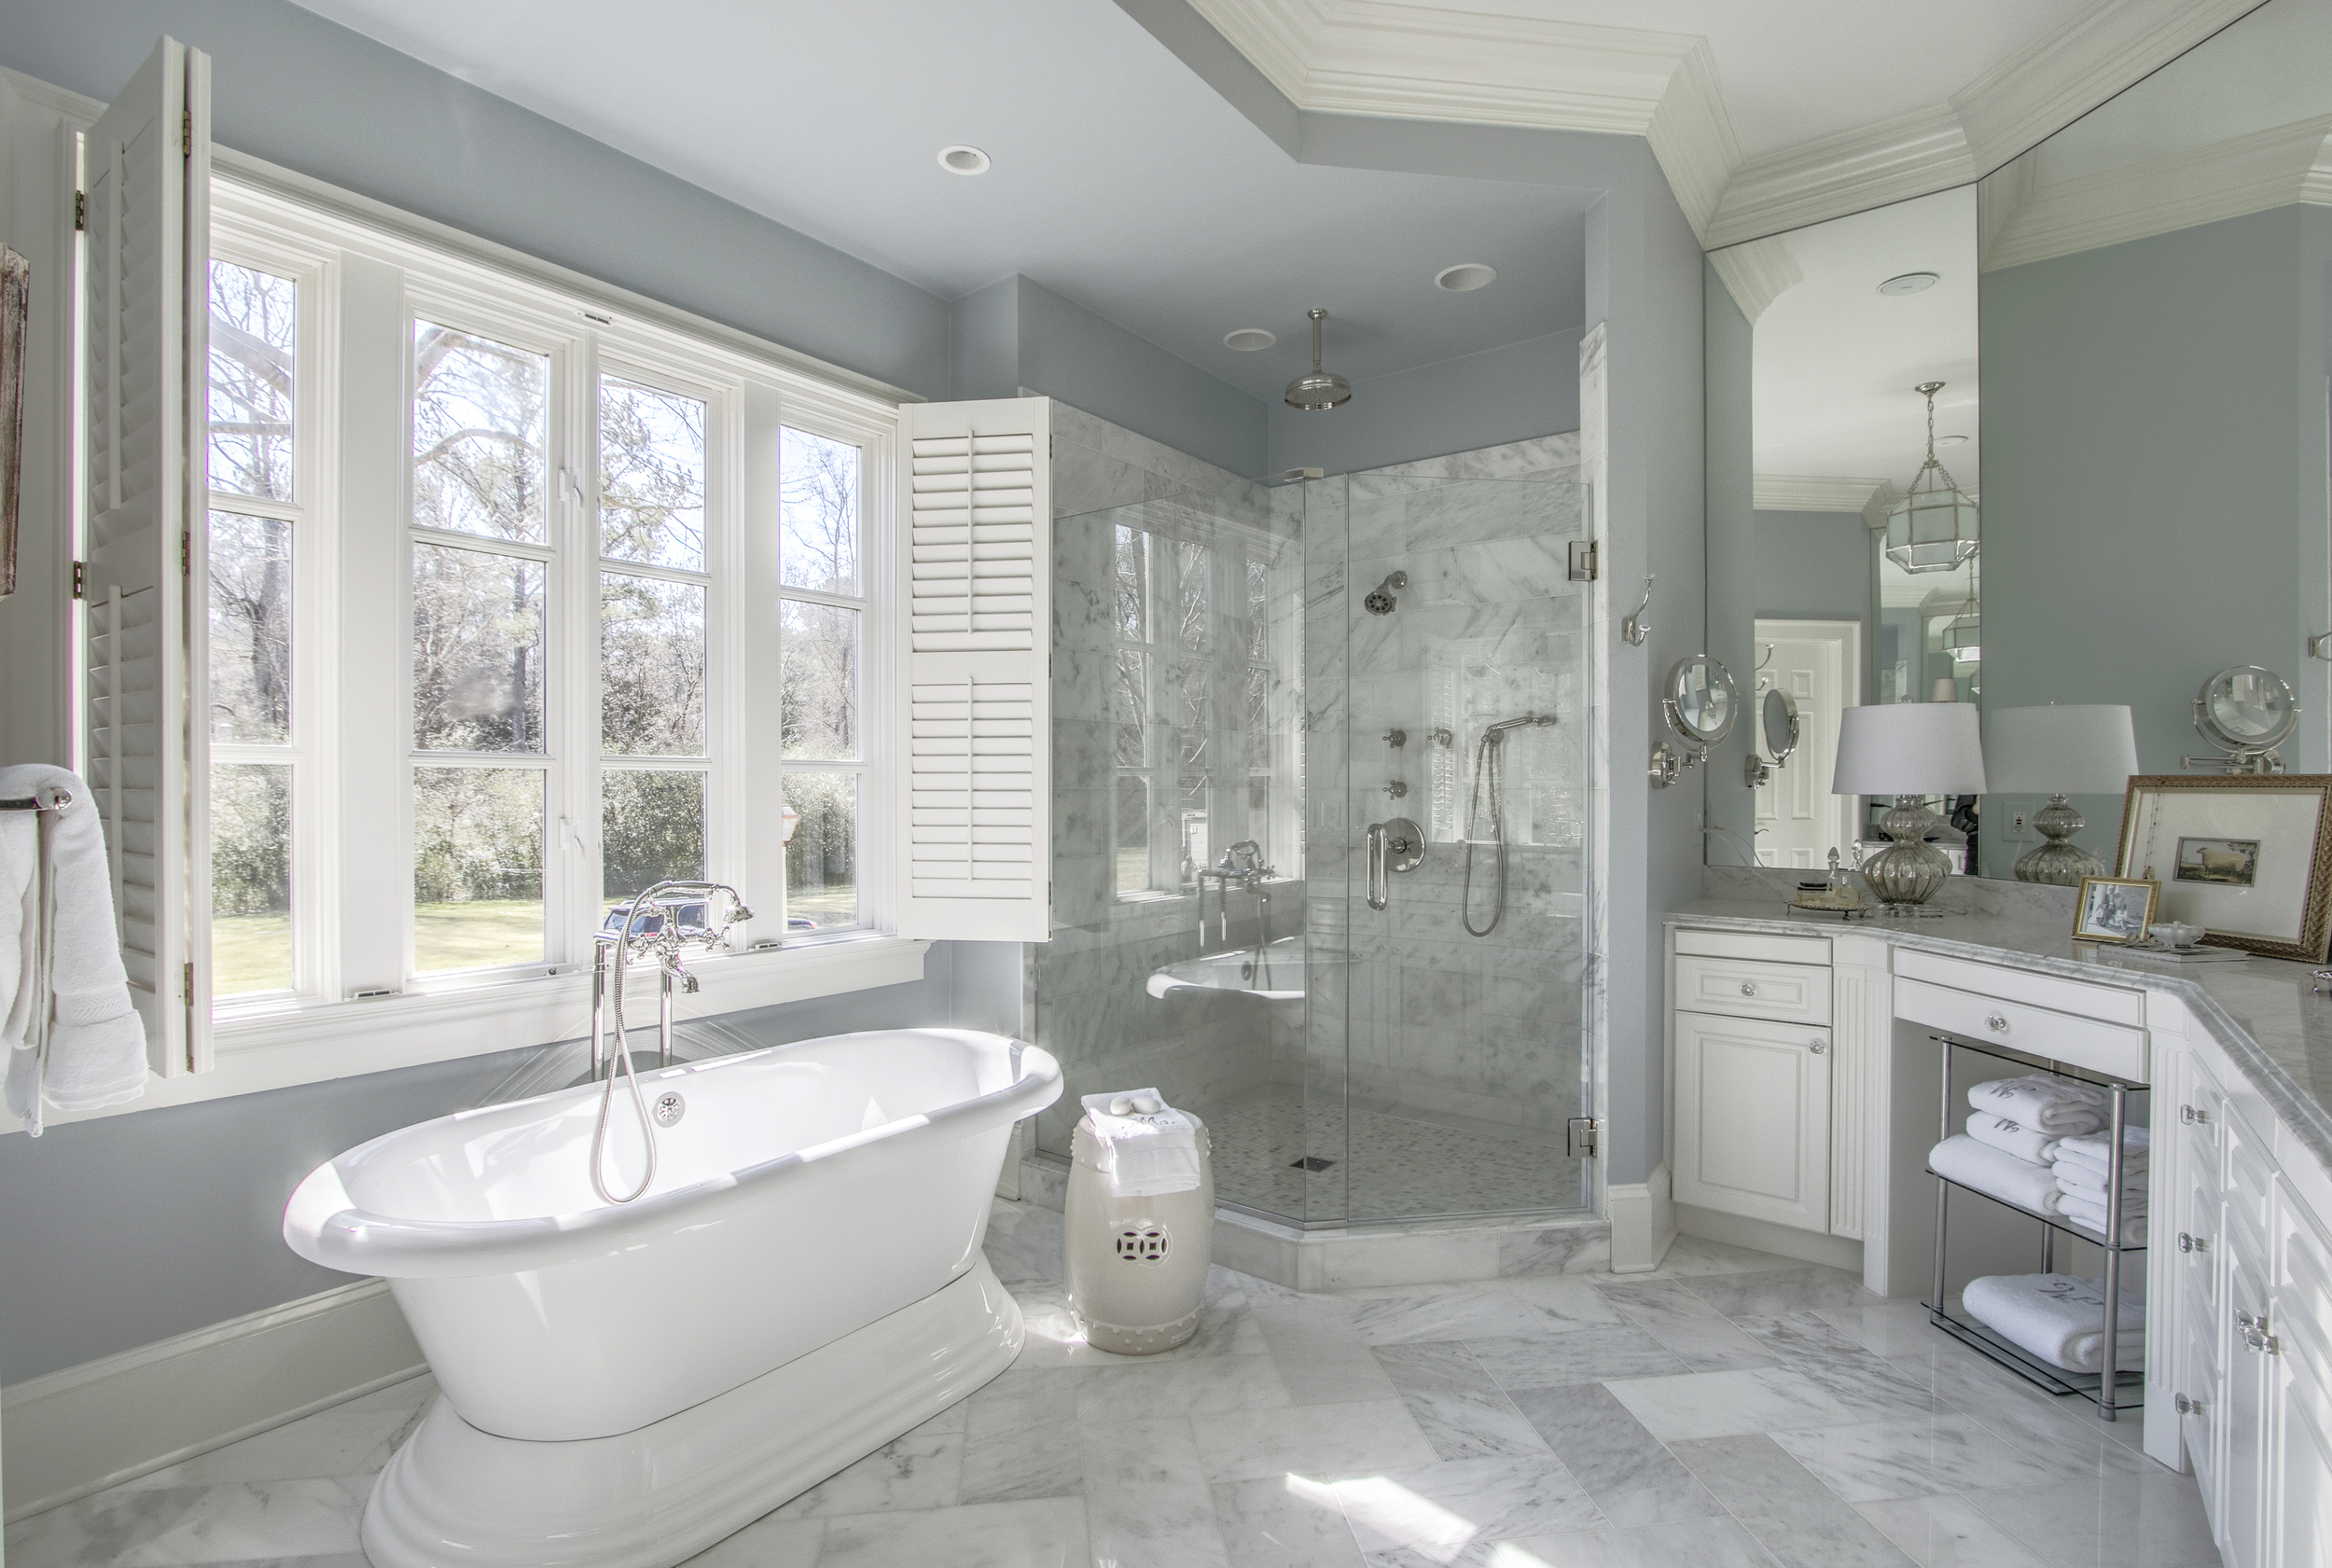 Window over bathtub